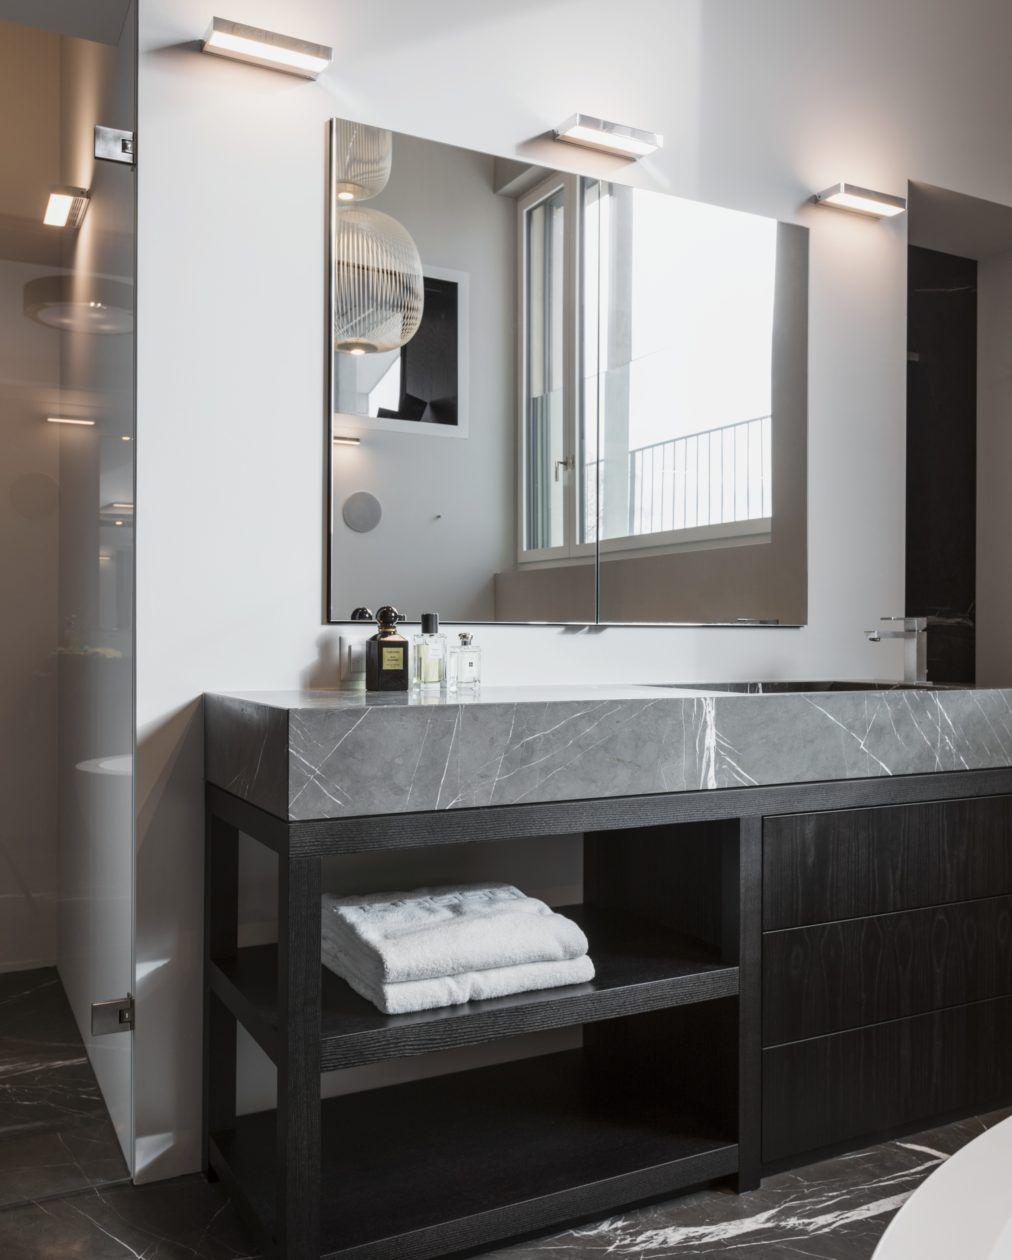 Das Badezimmer Aufhübschen Mit Kleinem Budget: Der Waschtisch Im Massivlook Ist Ein Blickfang In Diesem